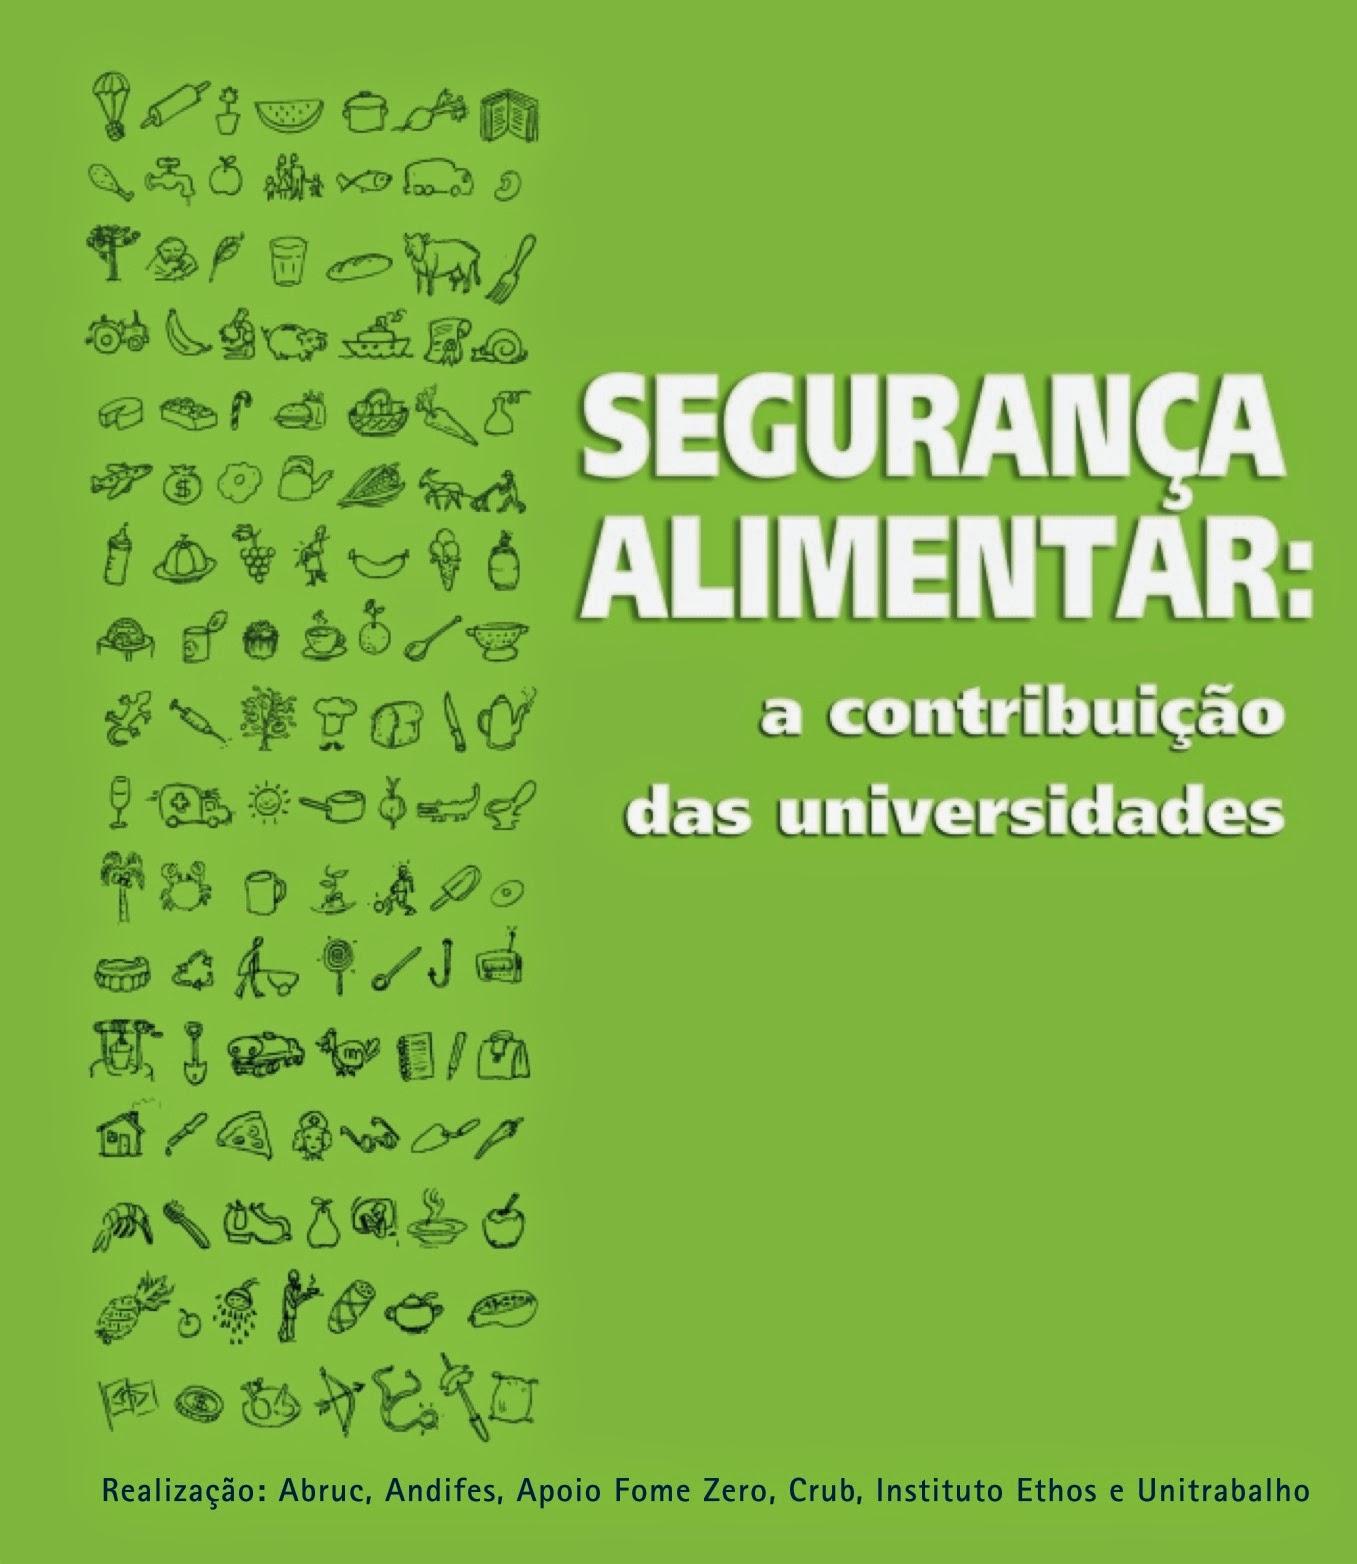 Segurança alimentar: a contribuição das universidades